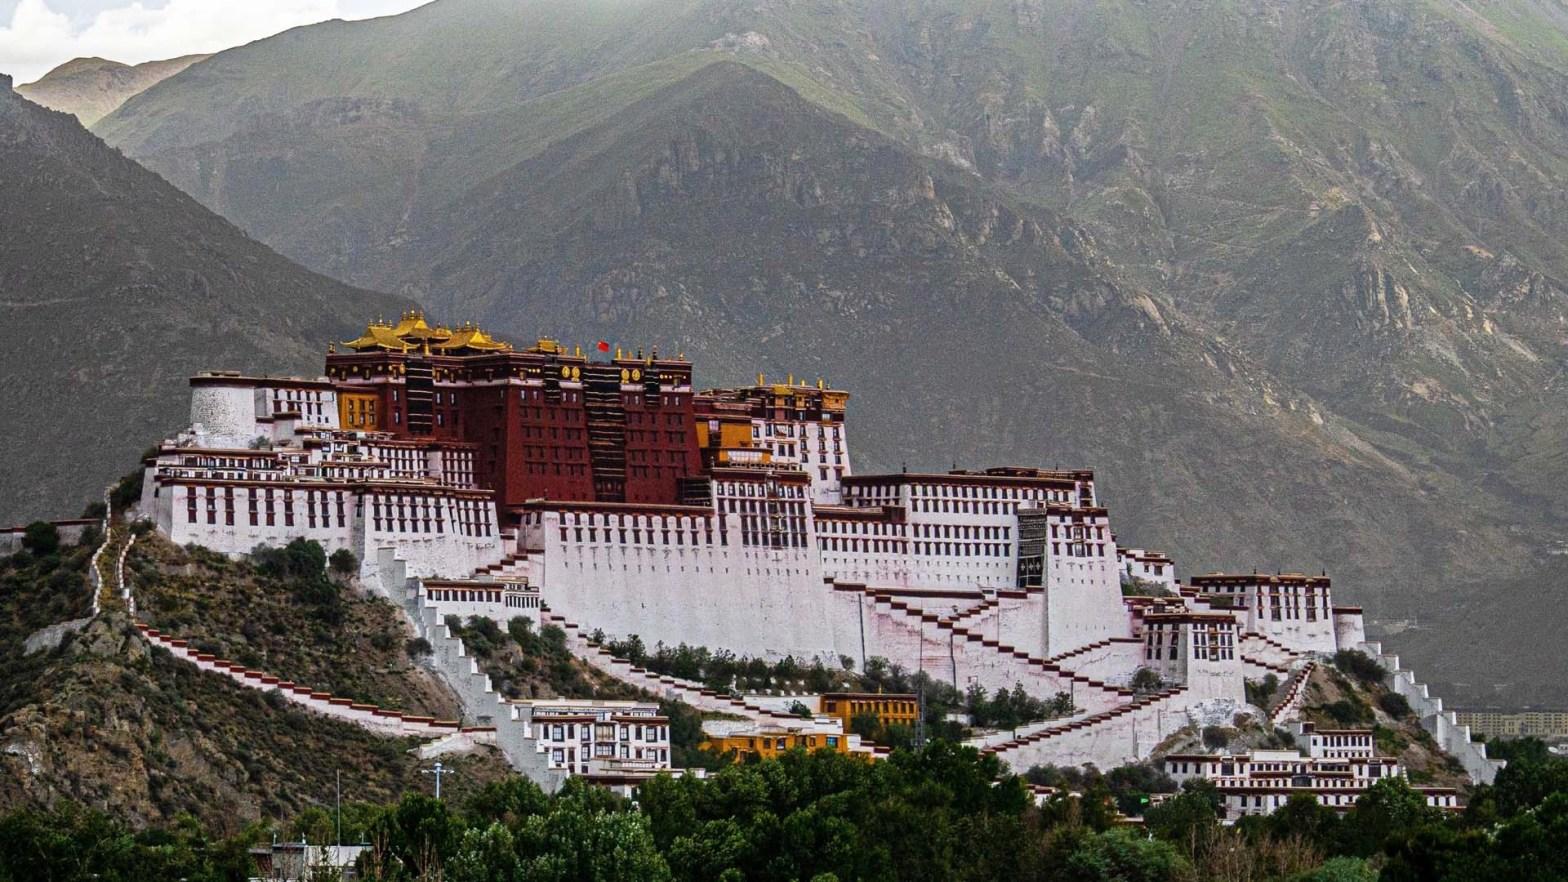 Il Palazzo del Potala a Lhasa in Tibet